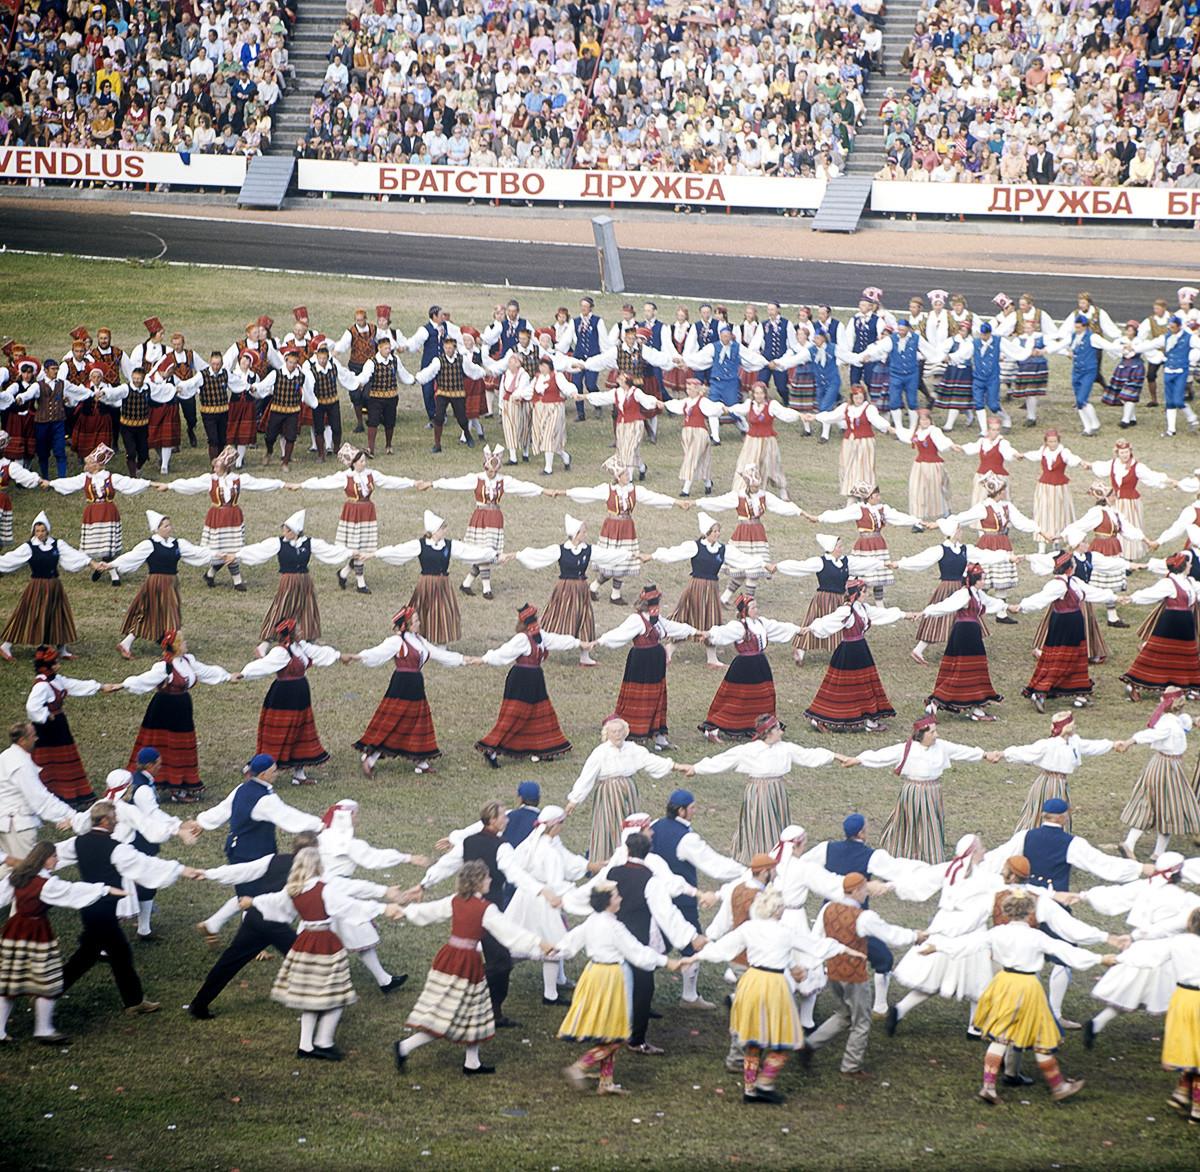 Državni festival pesmi in plesa.